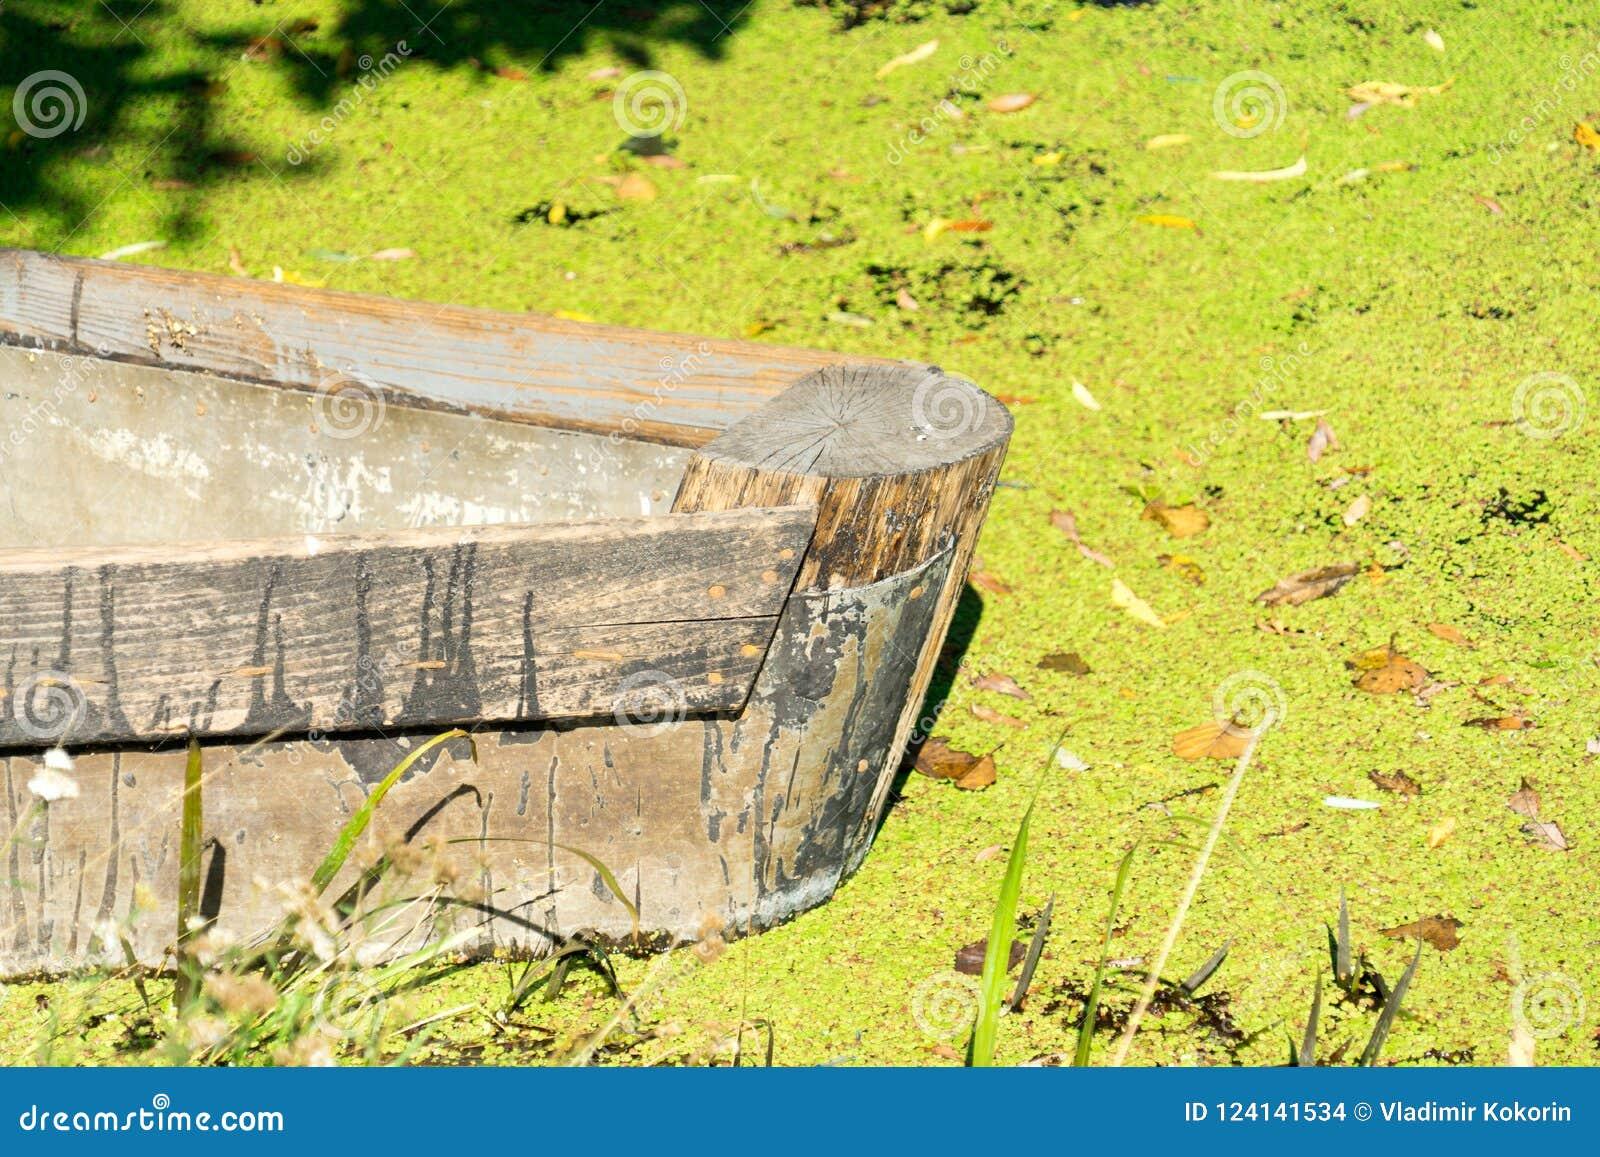 Φωτογραφία μιας παλαιάς ξύλινης βάρκας Θέση για το κείμενό σας